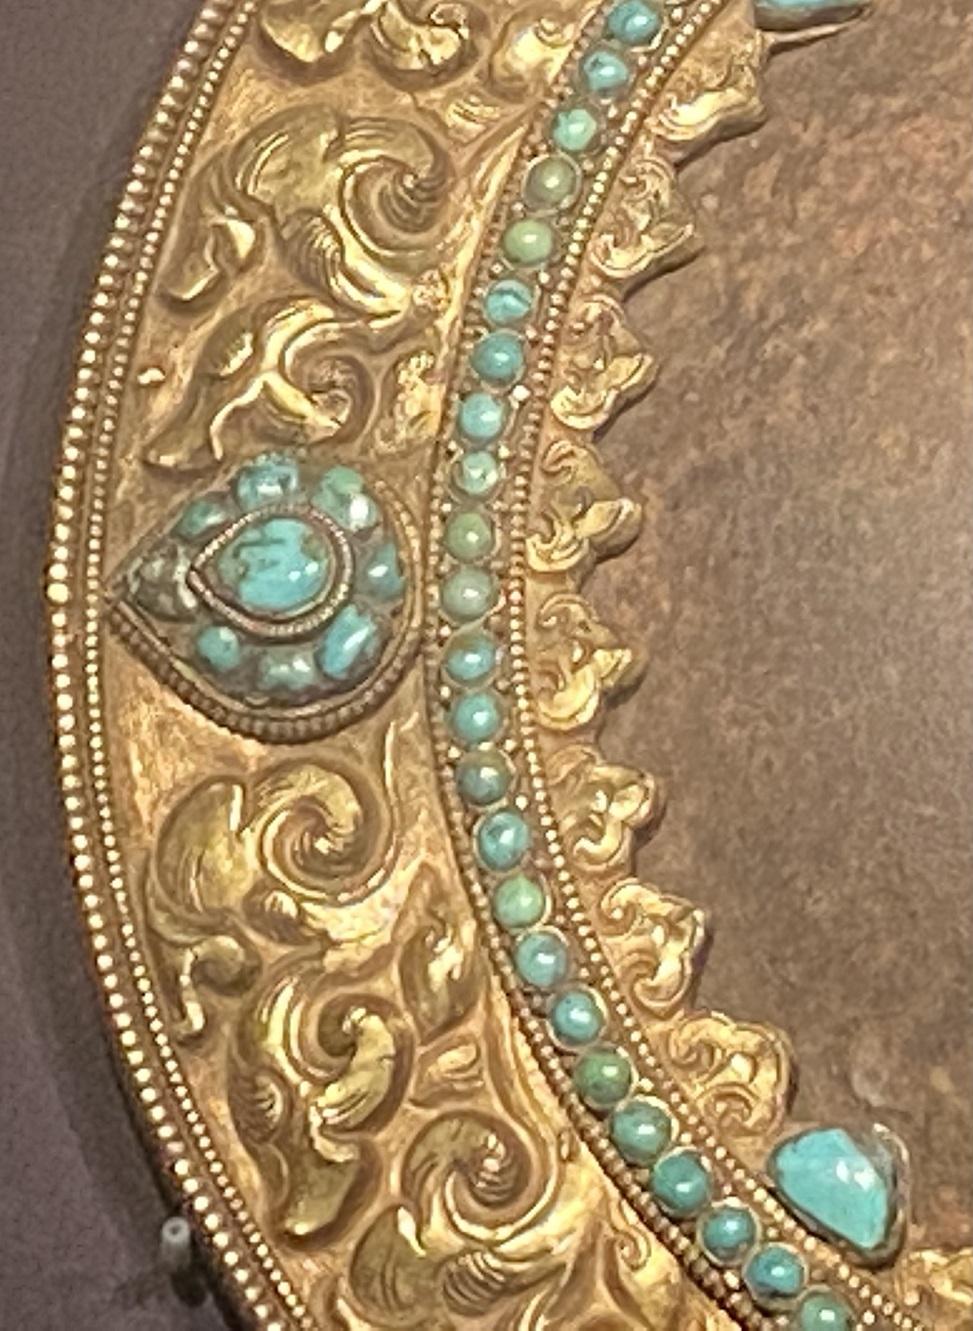 鉄鑲銅邊嵌綠松石護心鏡-特別展【七宝玲瓏-ヒマラヤからの芸術珍品】-金沙遺跡博物館-成都